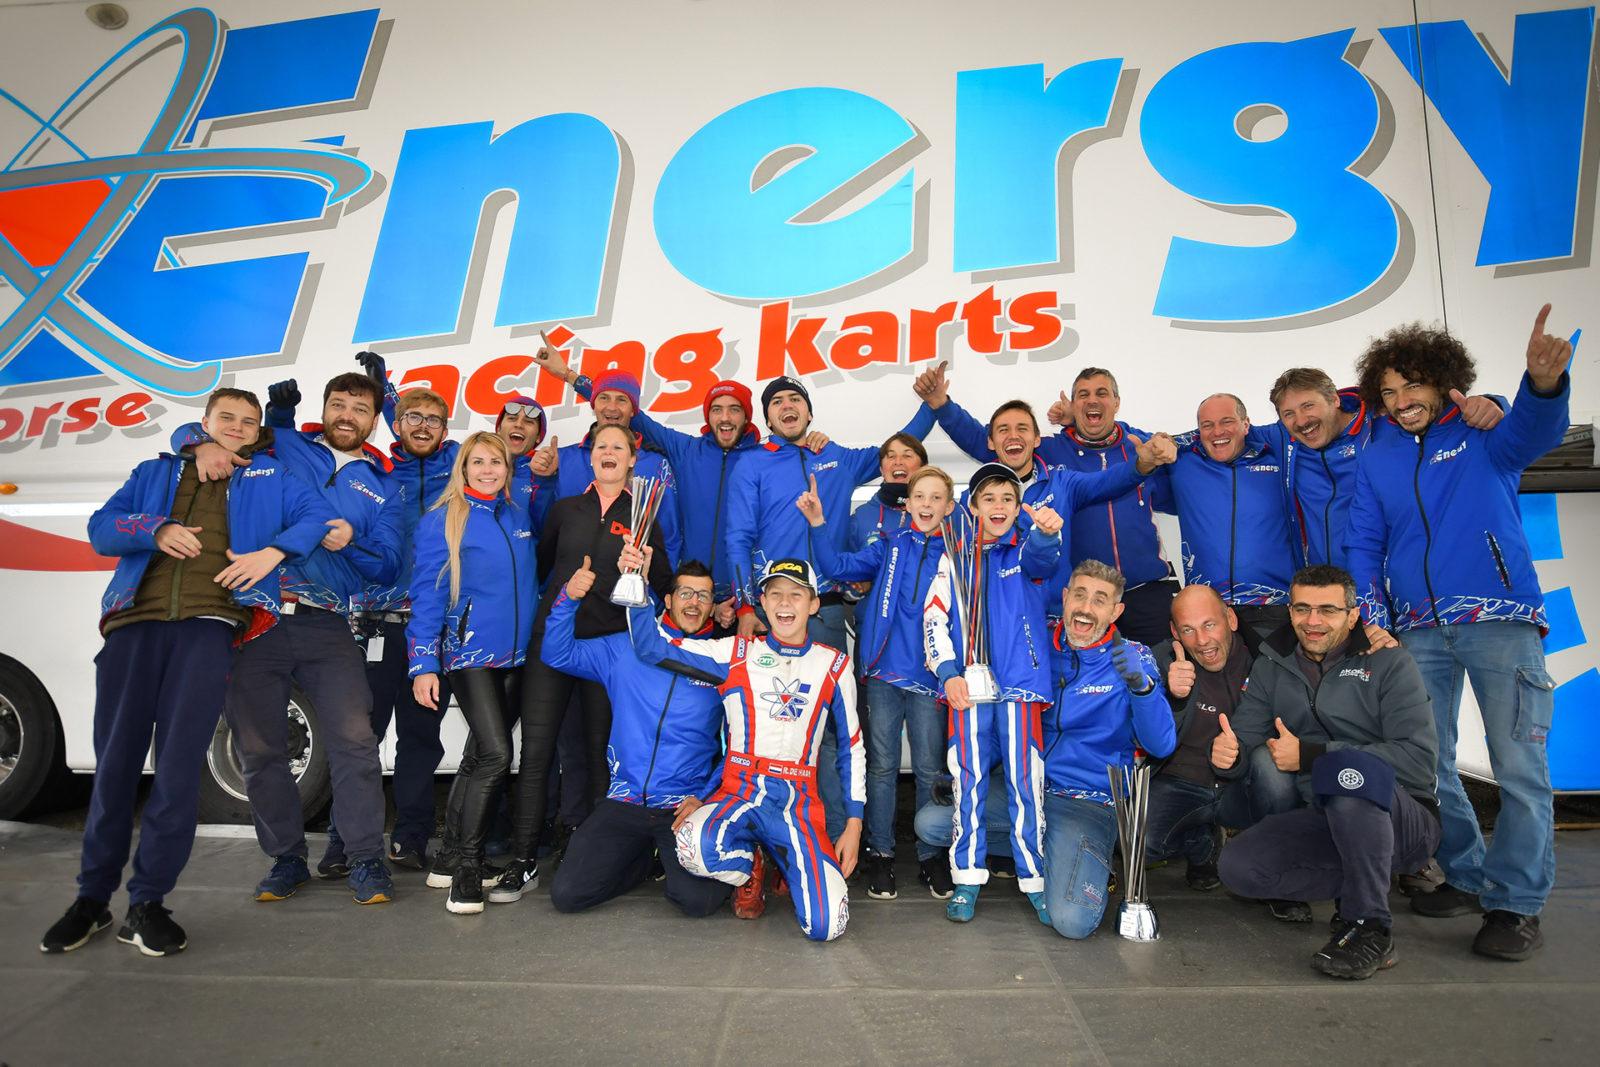 Energy Corse team celebrates